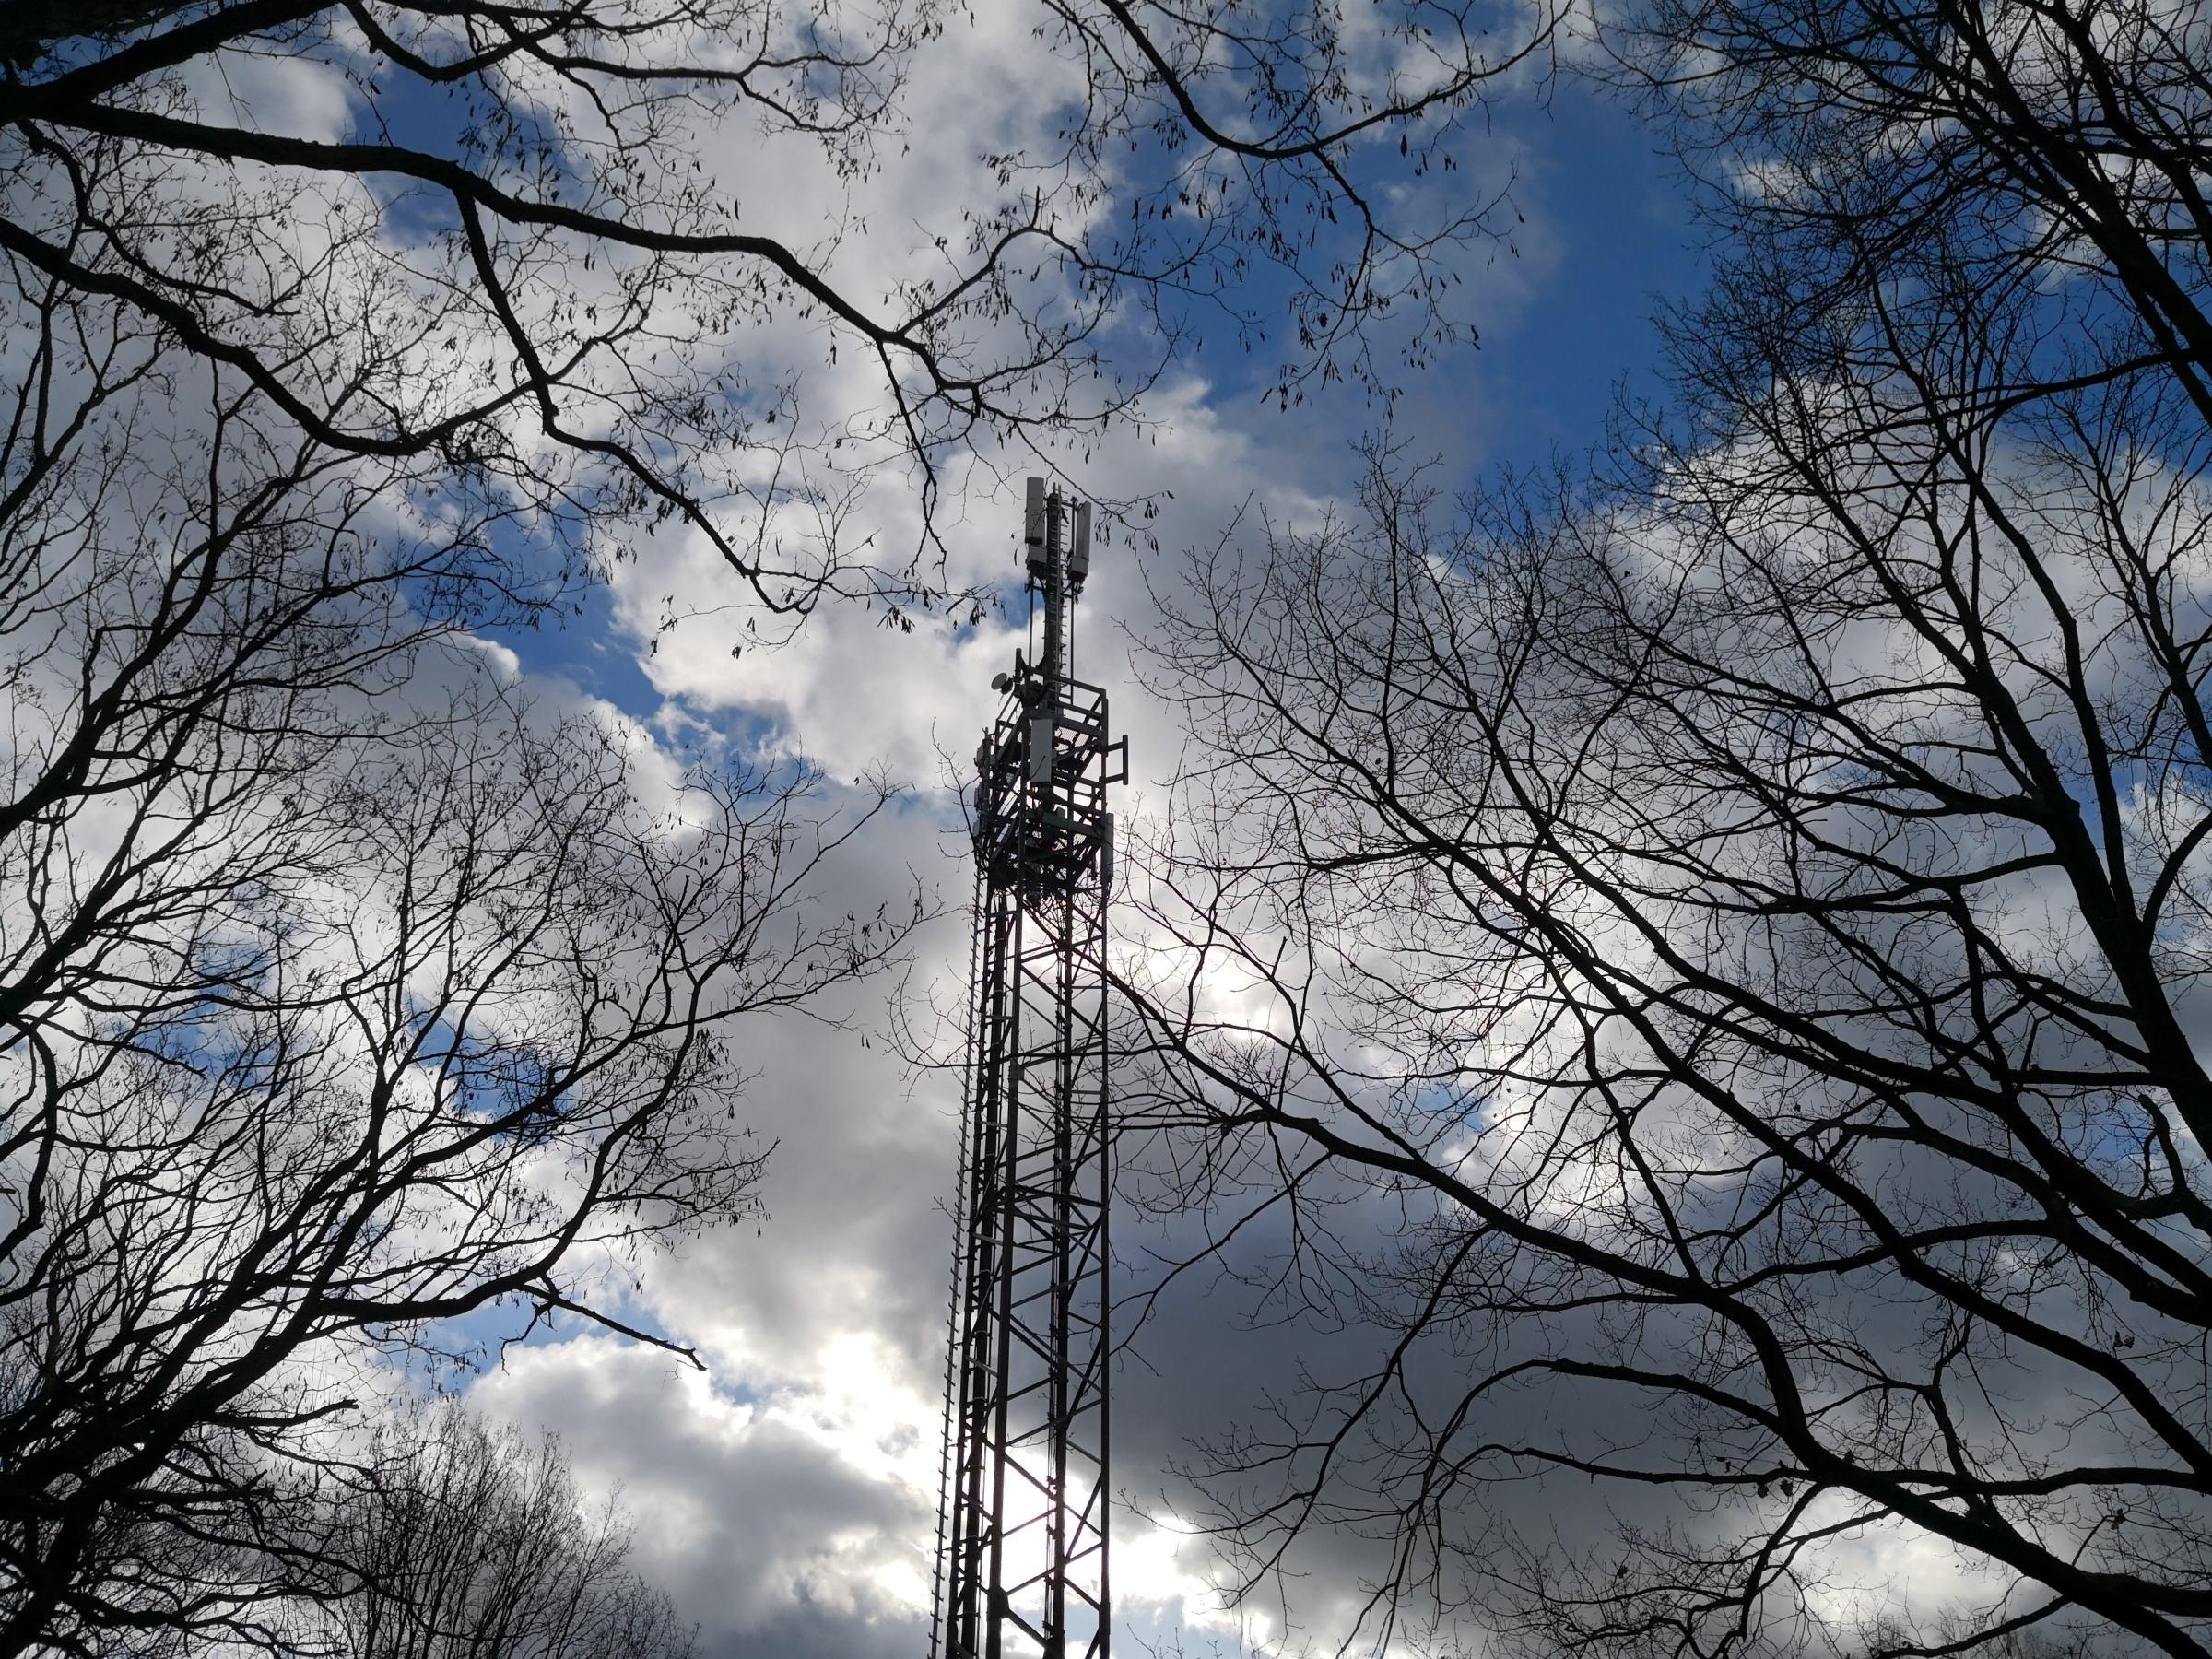 Ein Mobilfunksender im ländlichen Raum